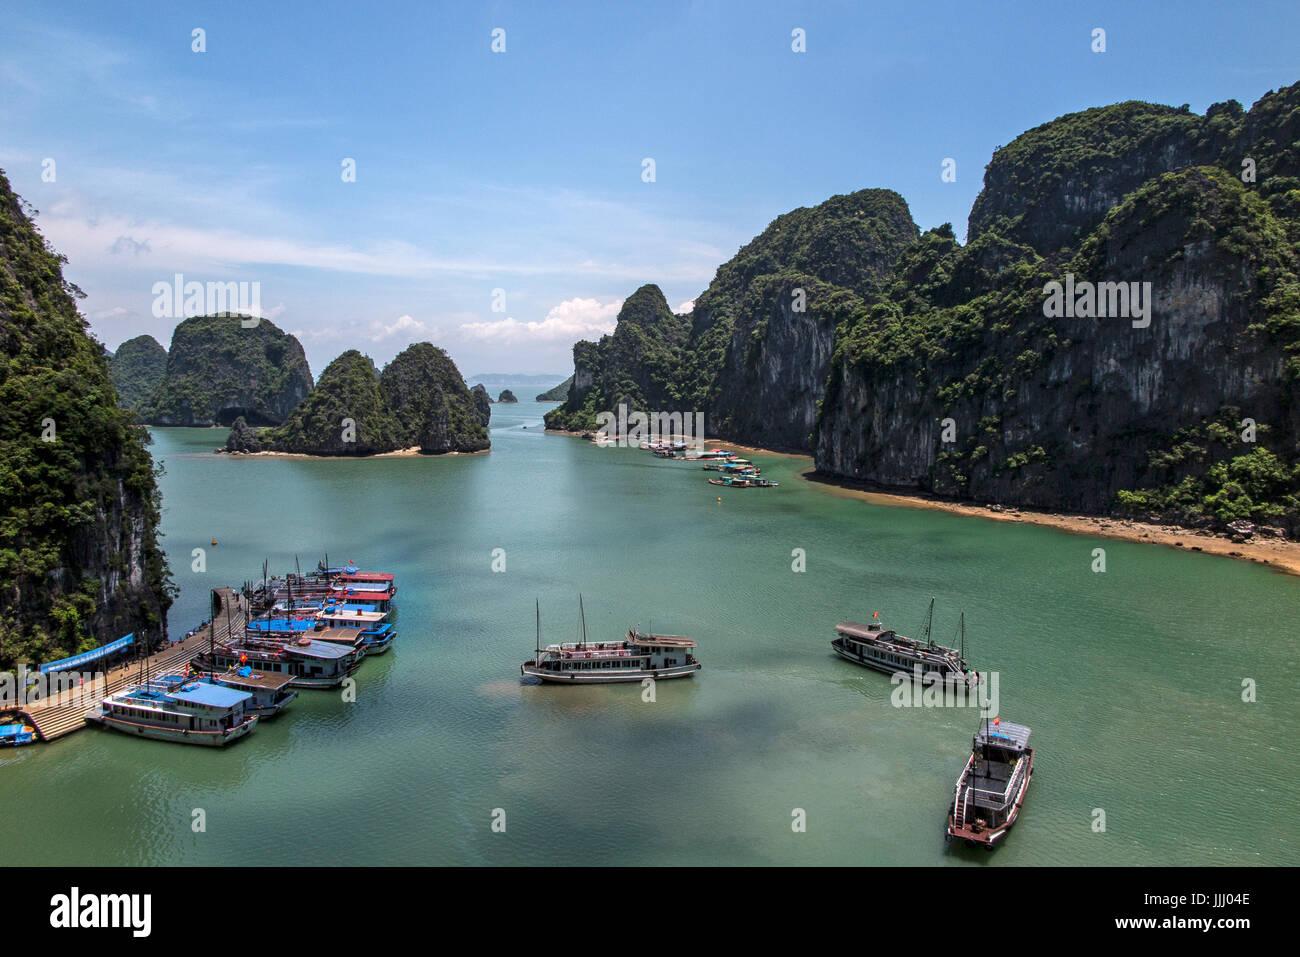 Malerische Aussicht auf die Halong Bucht Vietnam. Stockbild